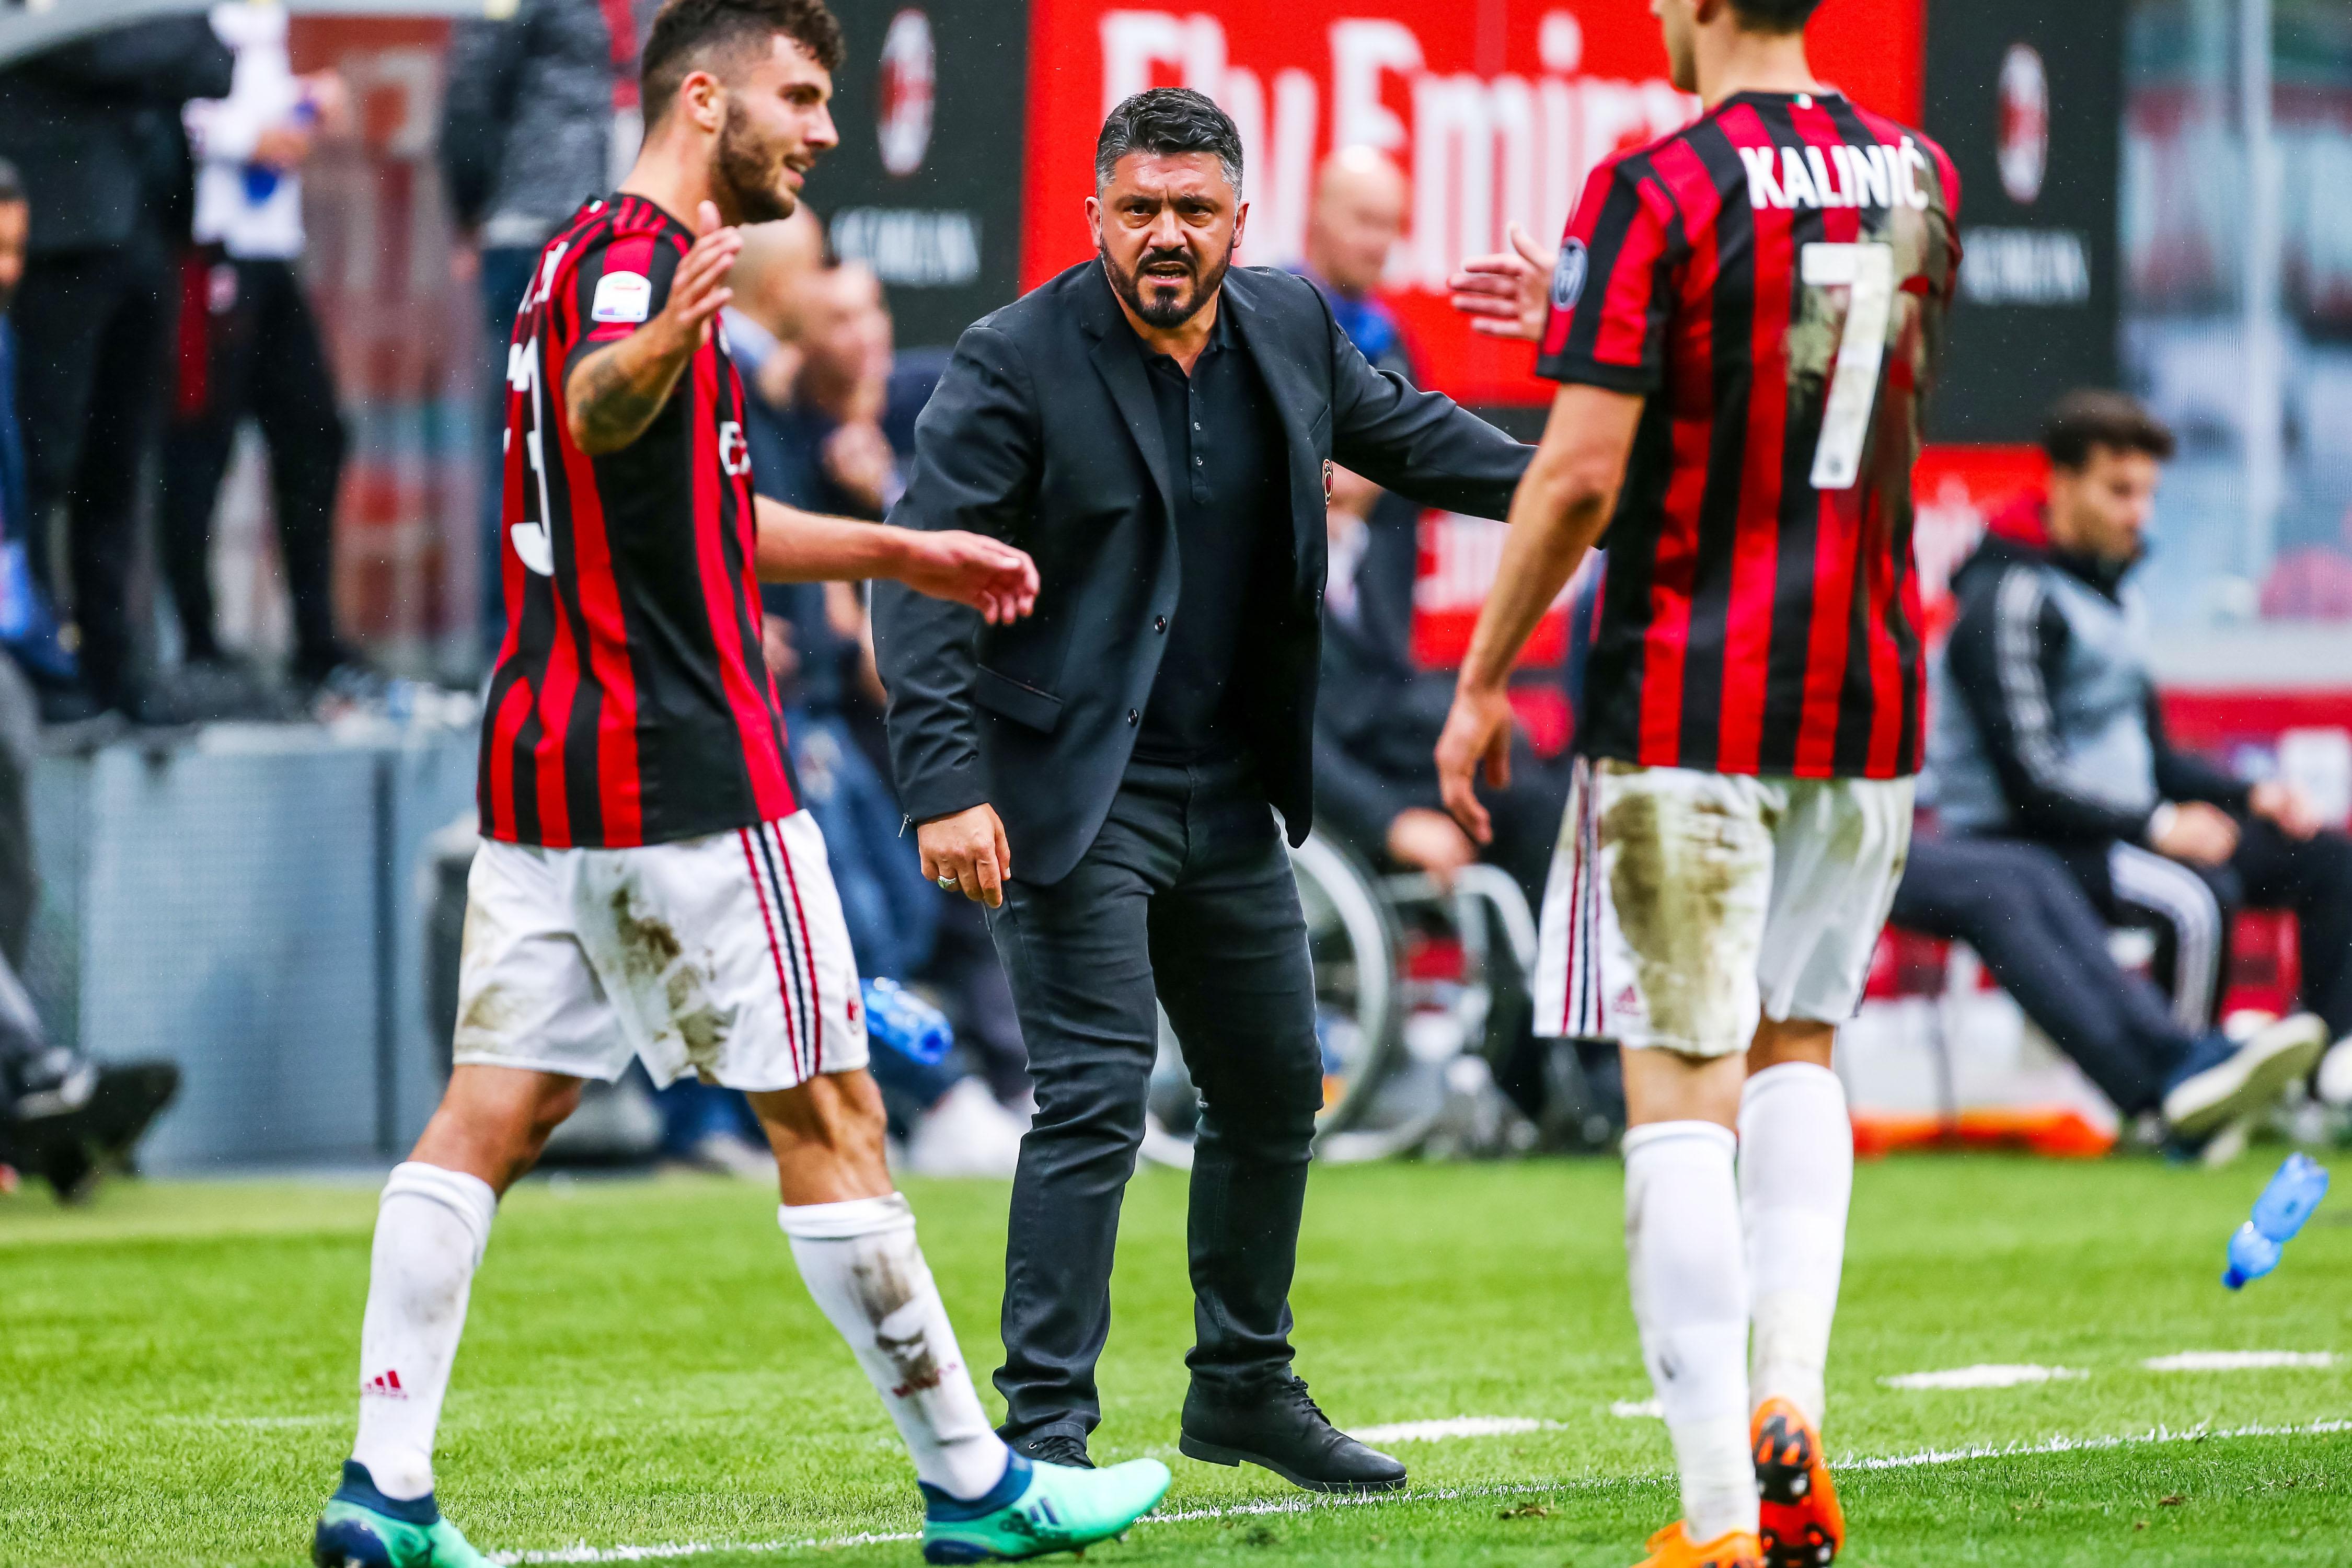 Két évre kizárták az AC Milan-t az Európa Ligából